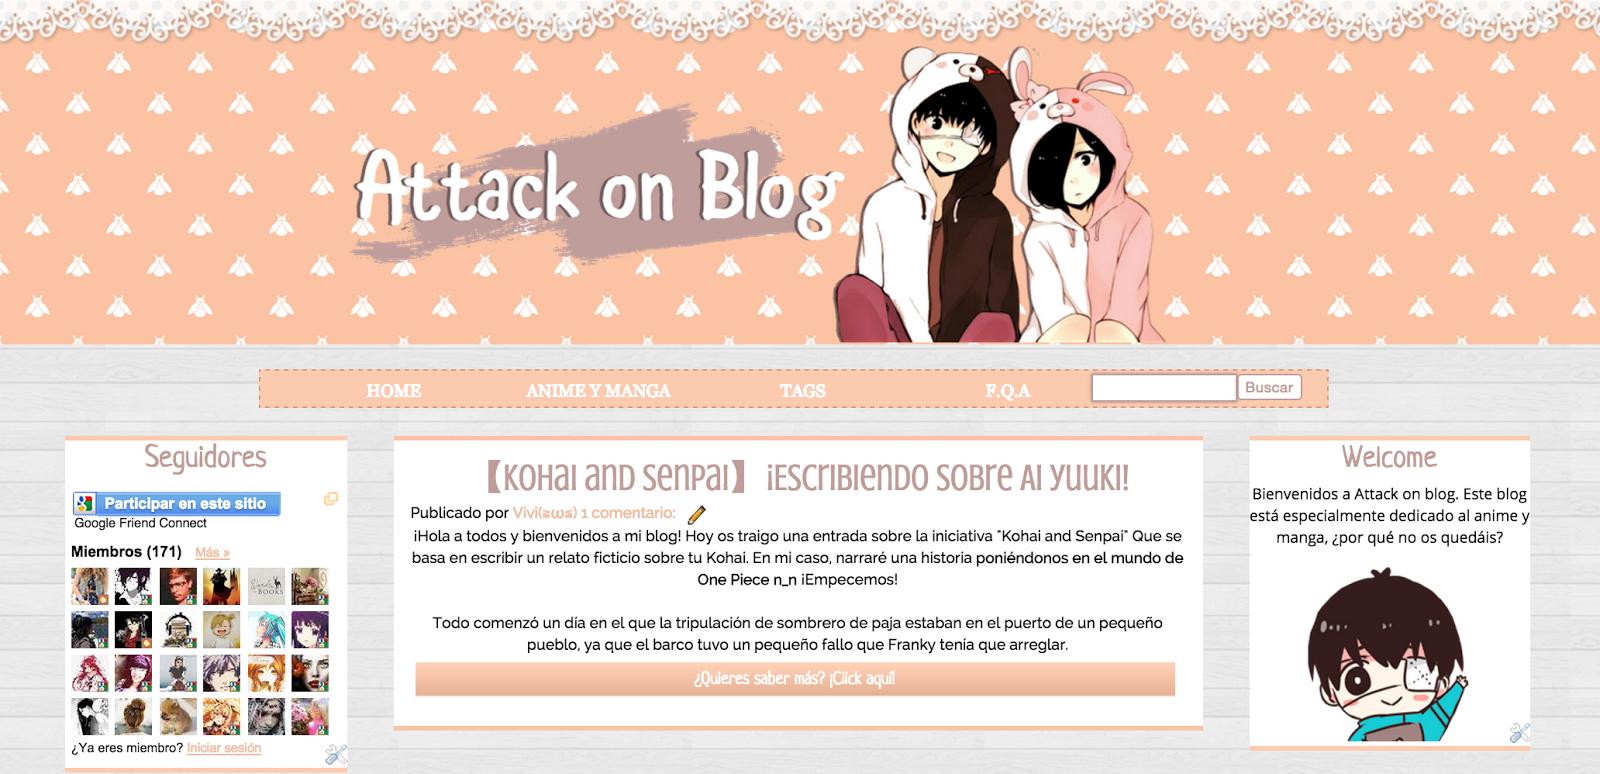 Plantillas】¡Nueva plantilla para el blog!